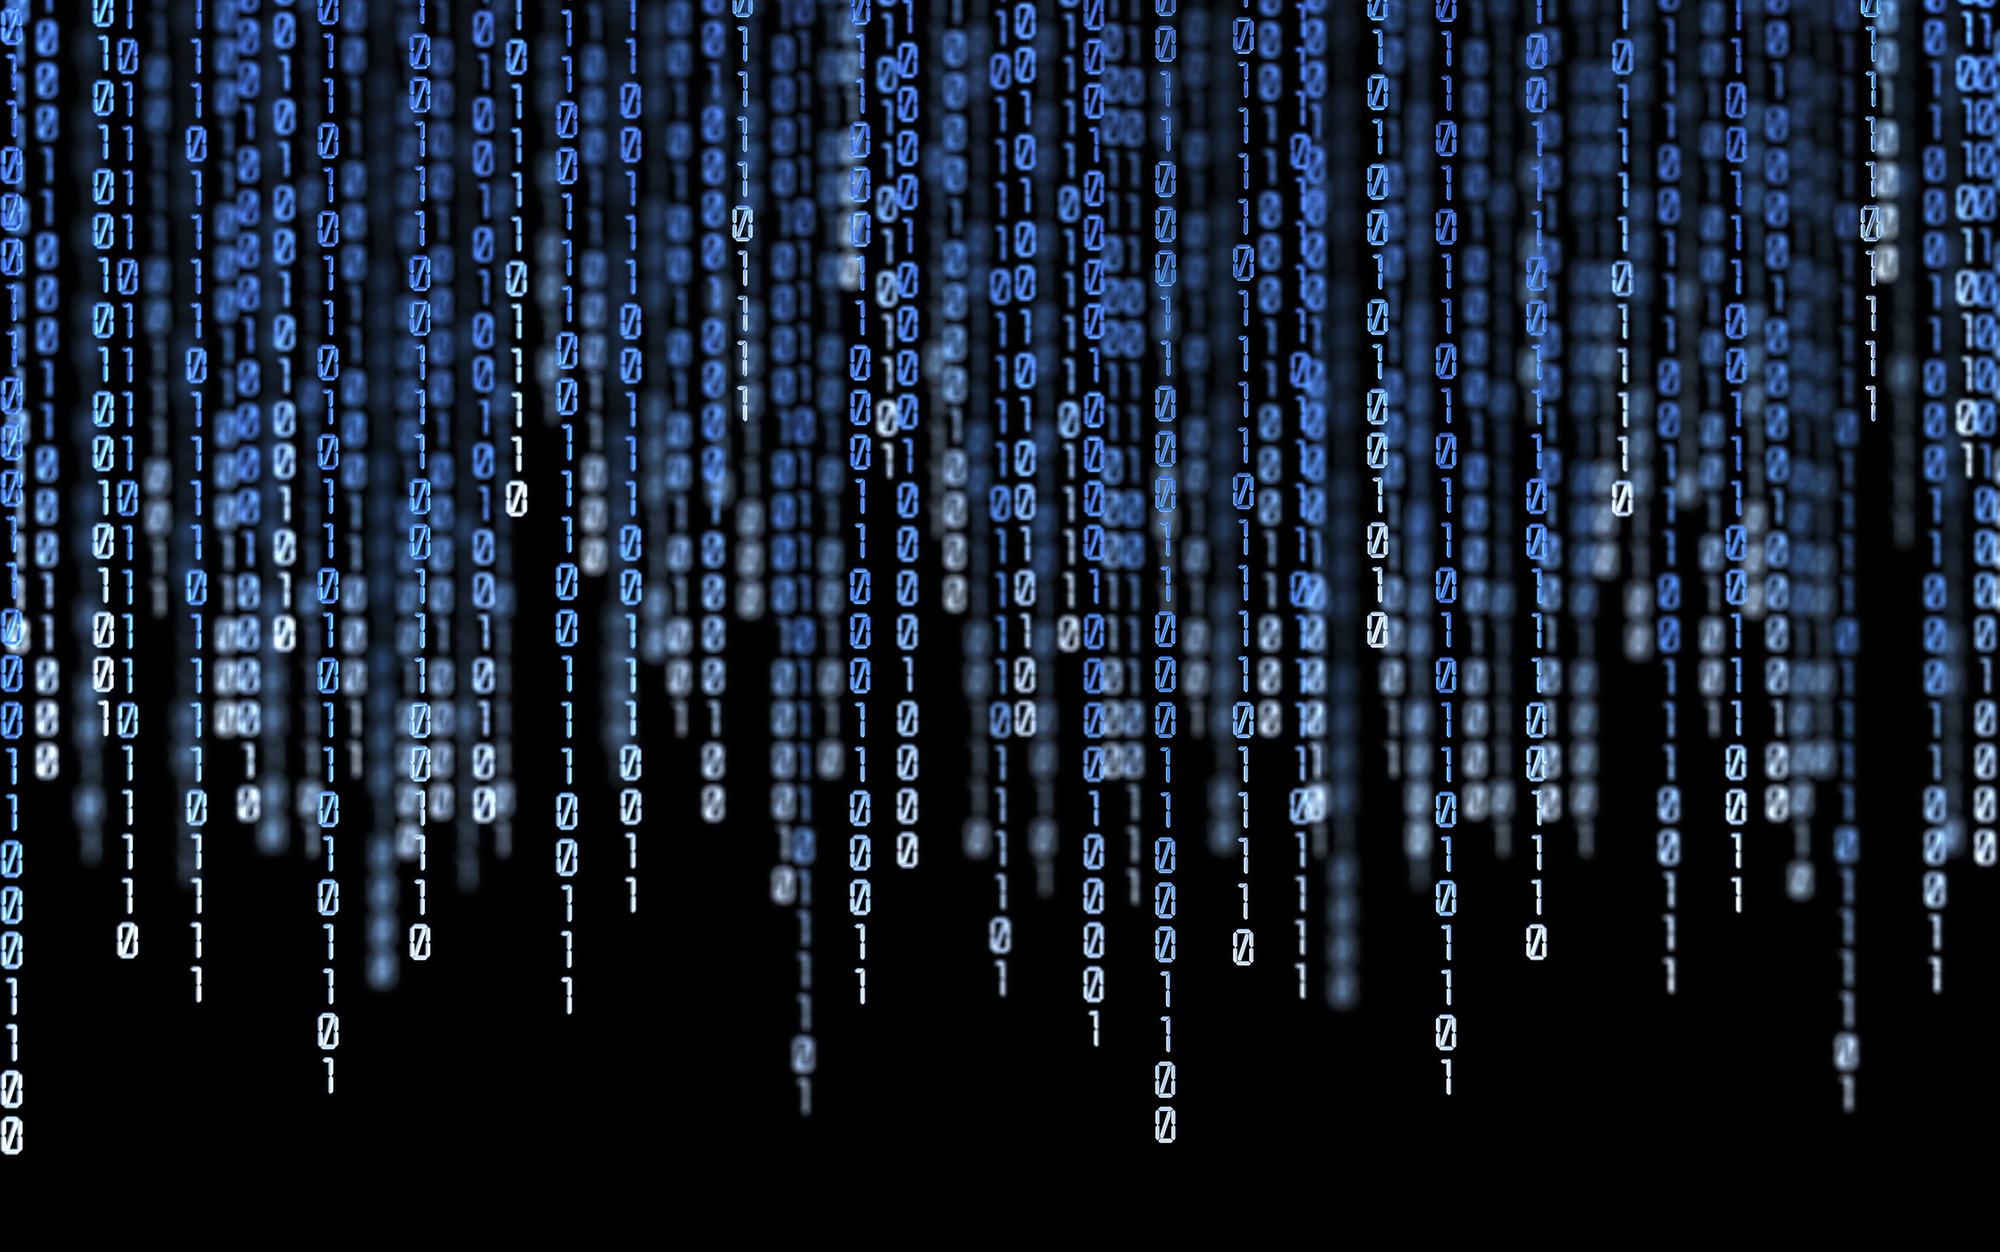 Алгоритмы создают досье овас.